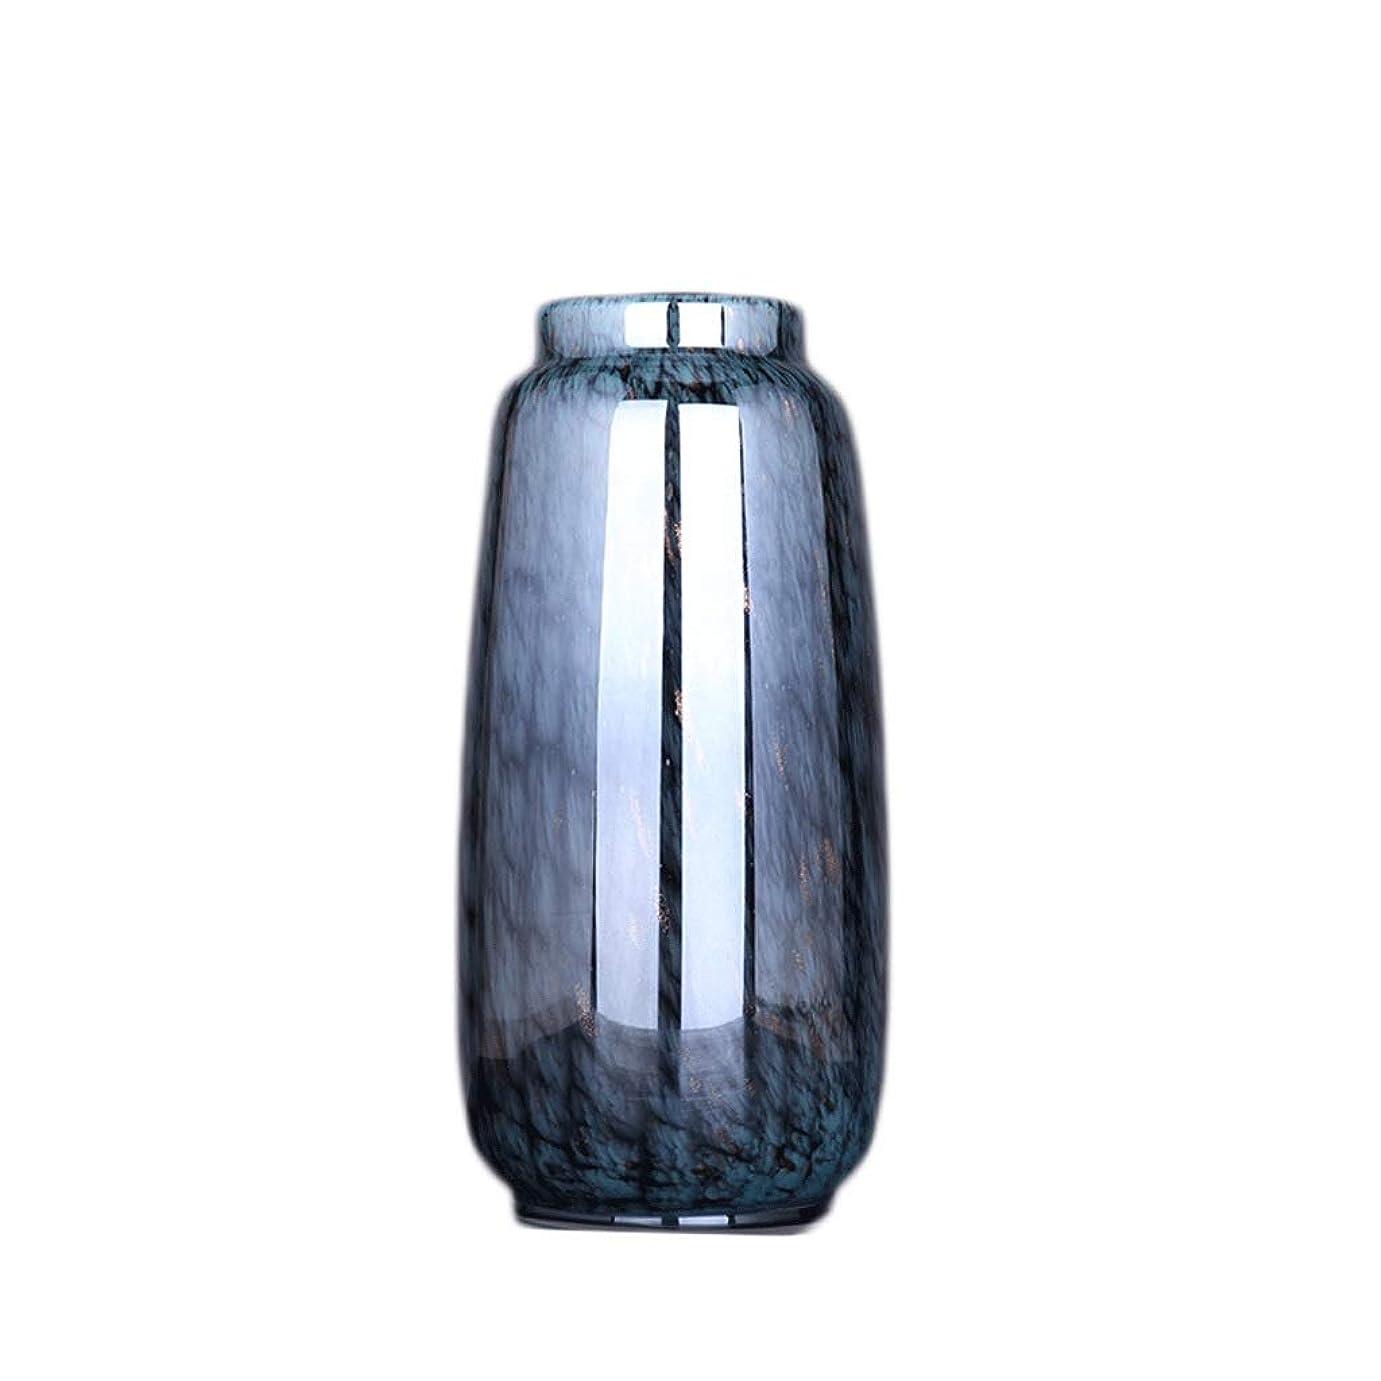 戦い改善する娘TXC- 透明ガラス花瓶フラワーアレンジメント水花家の装飾リビングルームの装飾 デコレーション (Color : C)